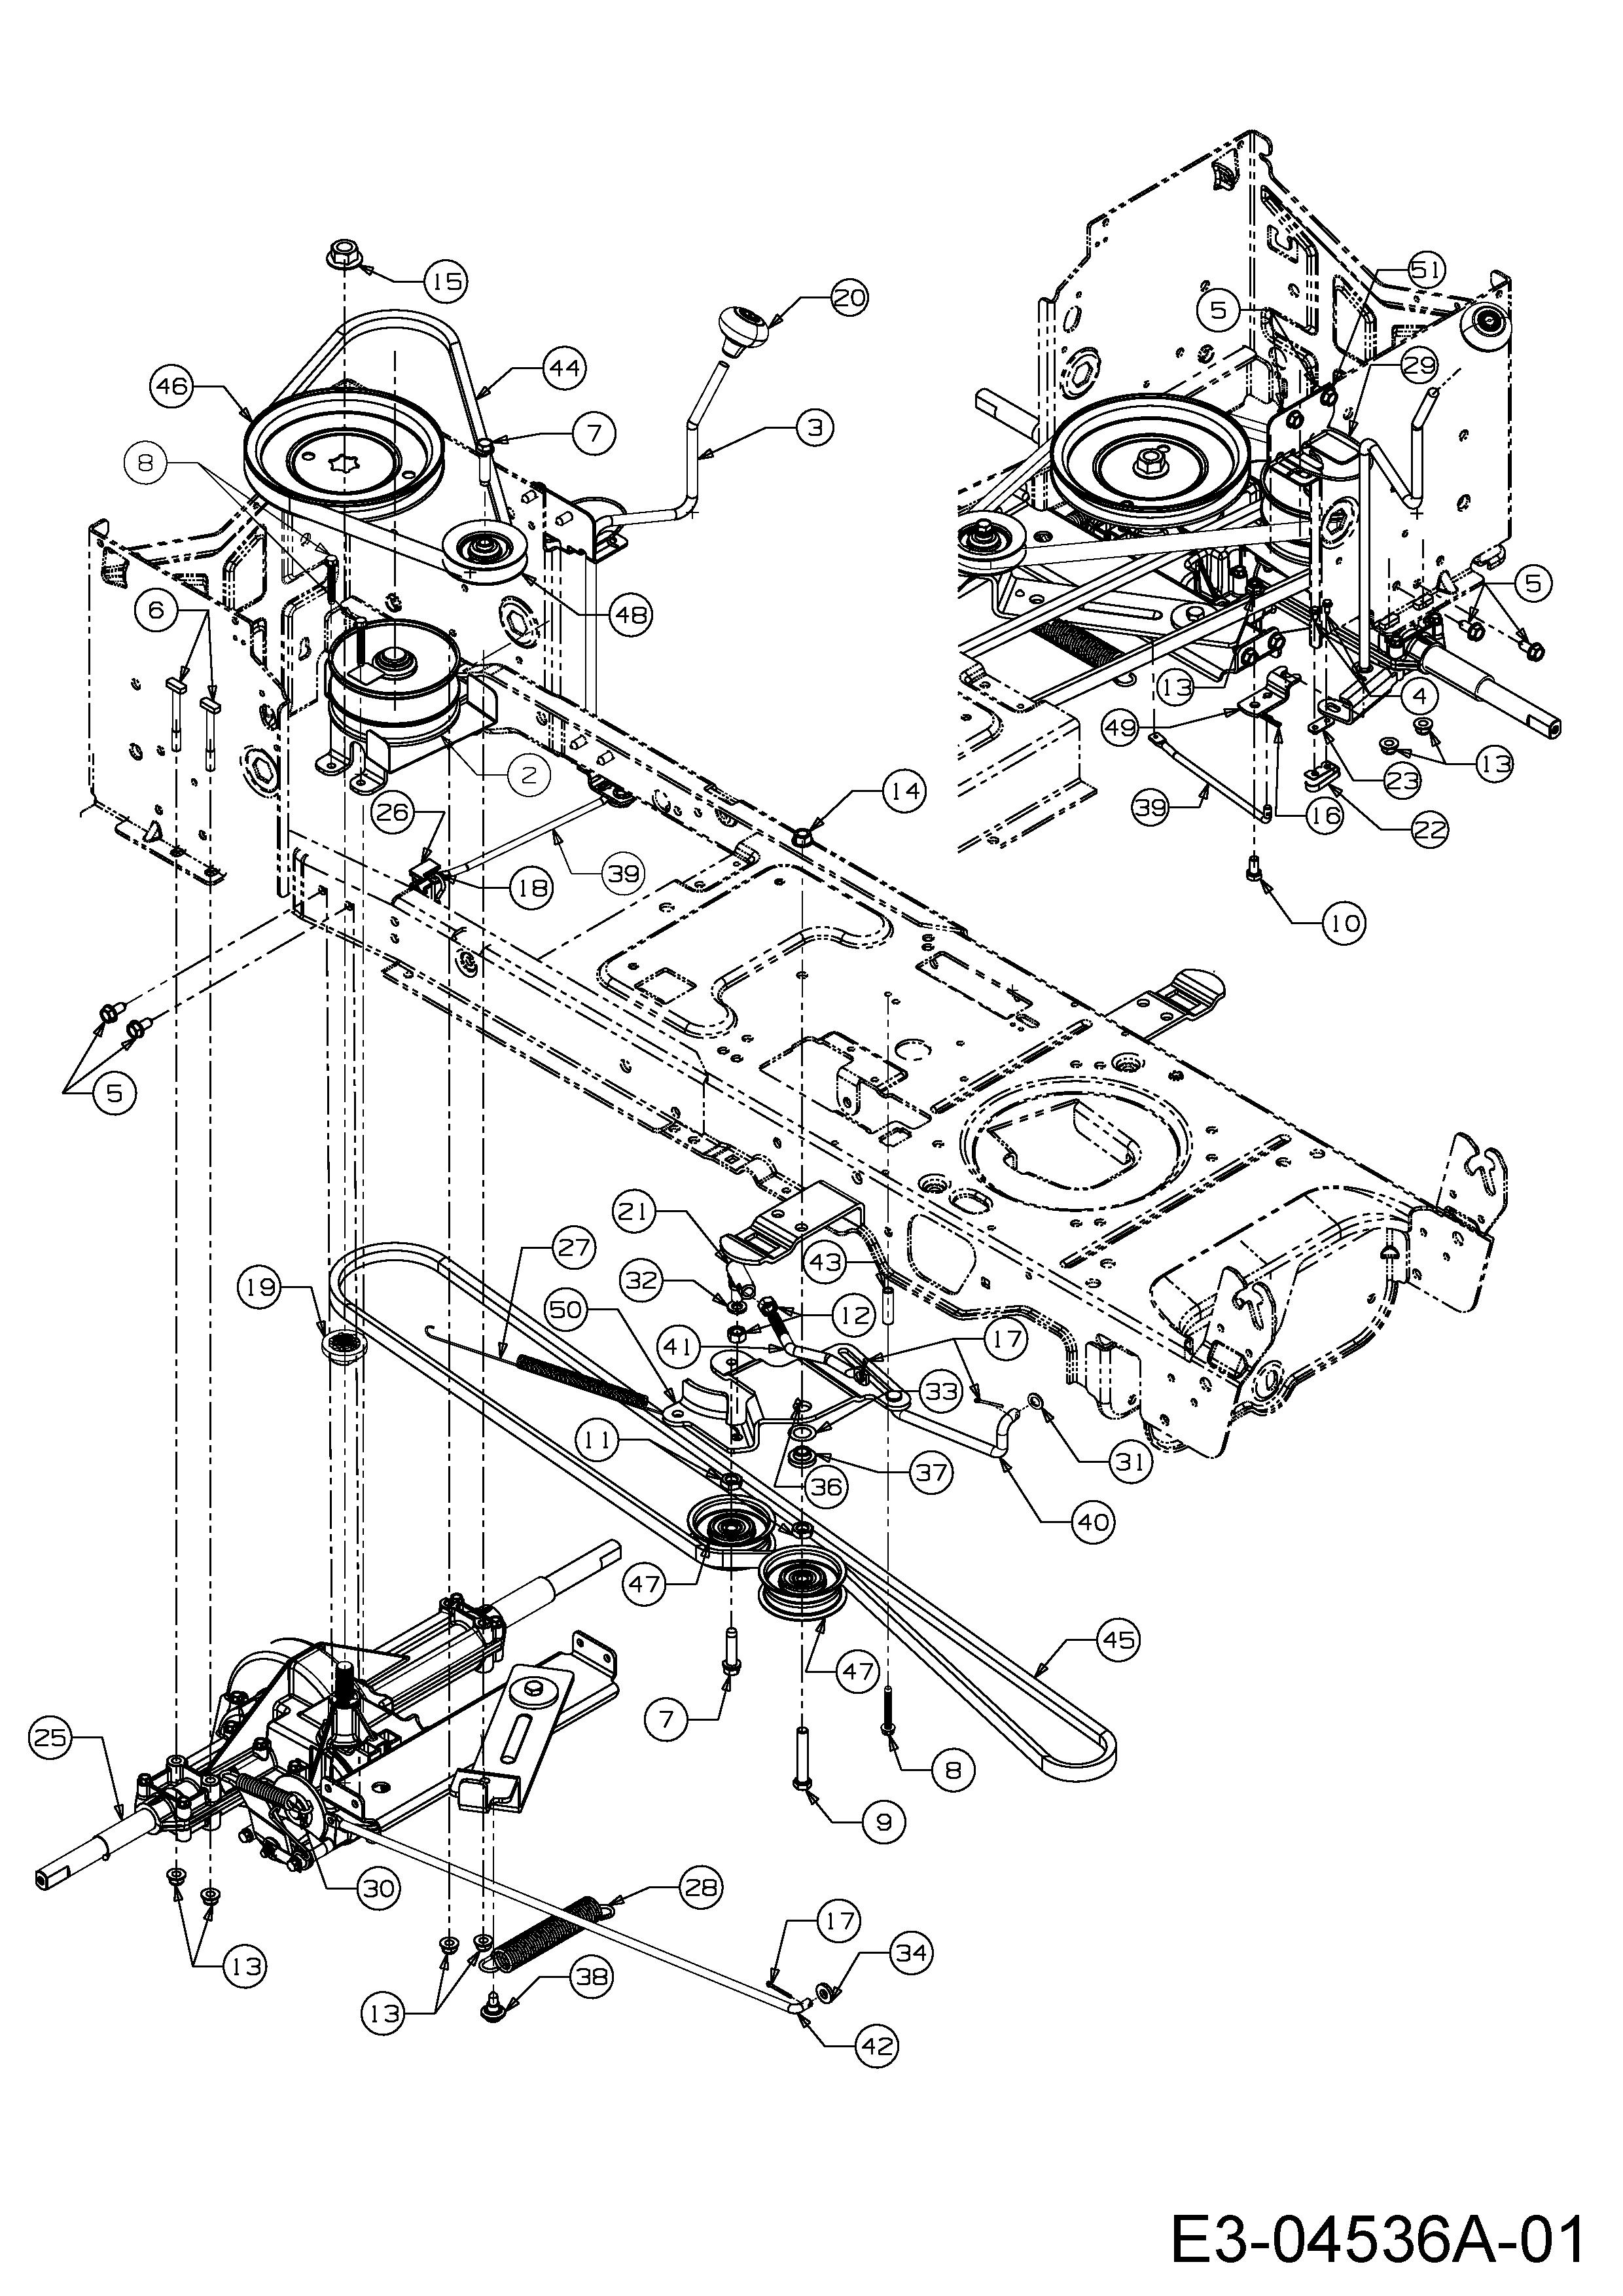 Keilriemen Fahrantrieb am Getriebe passend Gutbrod ELX 96 SA 13AV90GF690